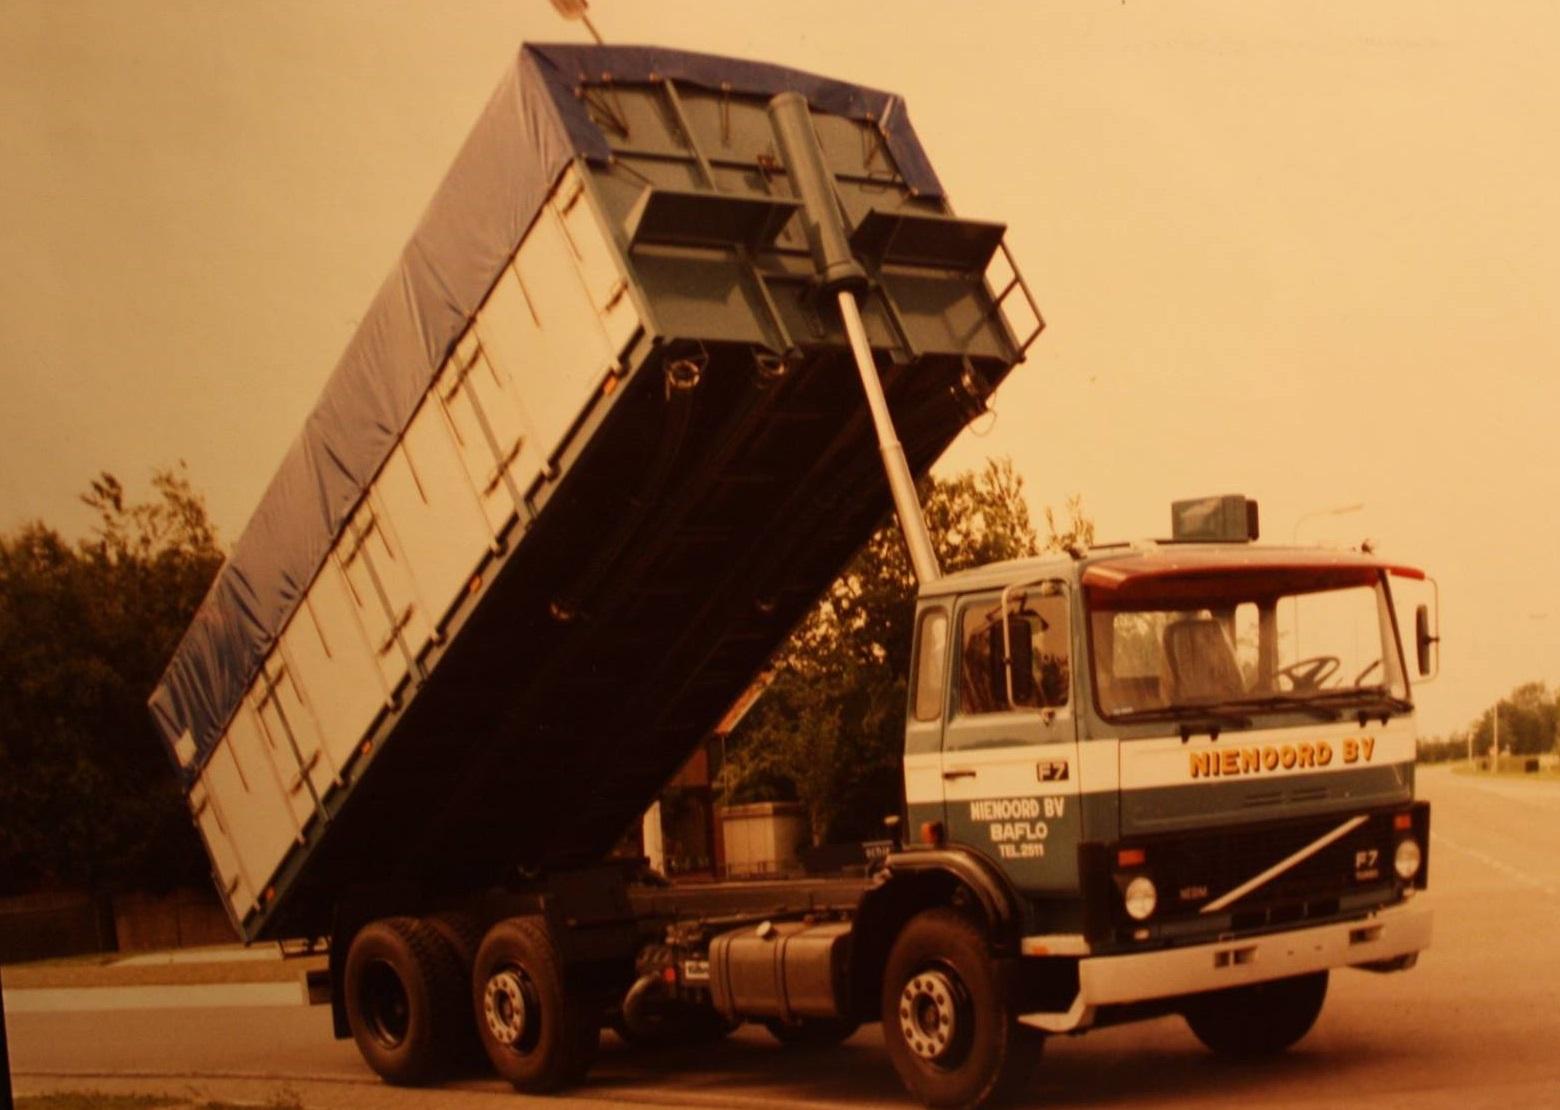 Volvo-F7--bulkauto-is-gebouwd-door-Rondaan-voor-Nienoord-BV-uit-Baflo-3